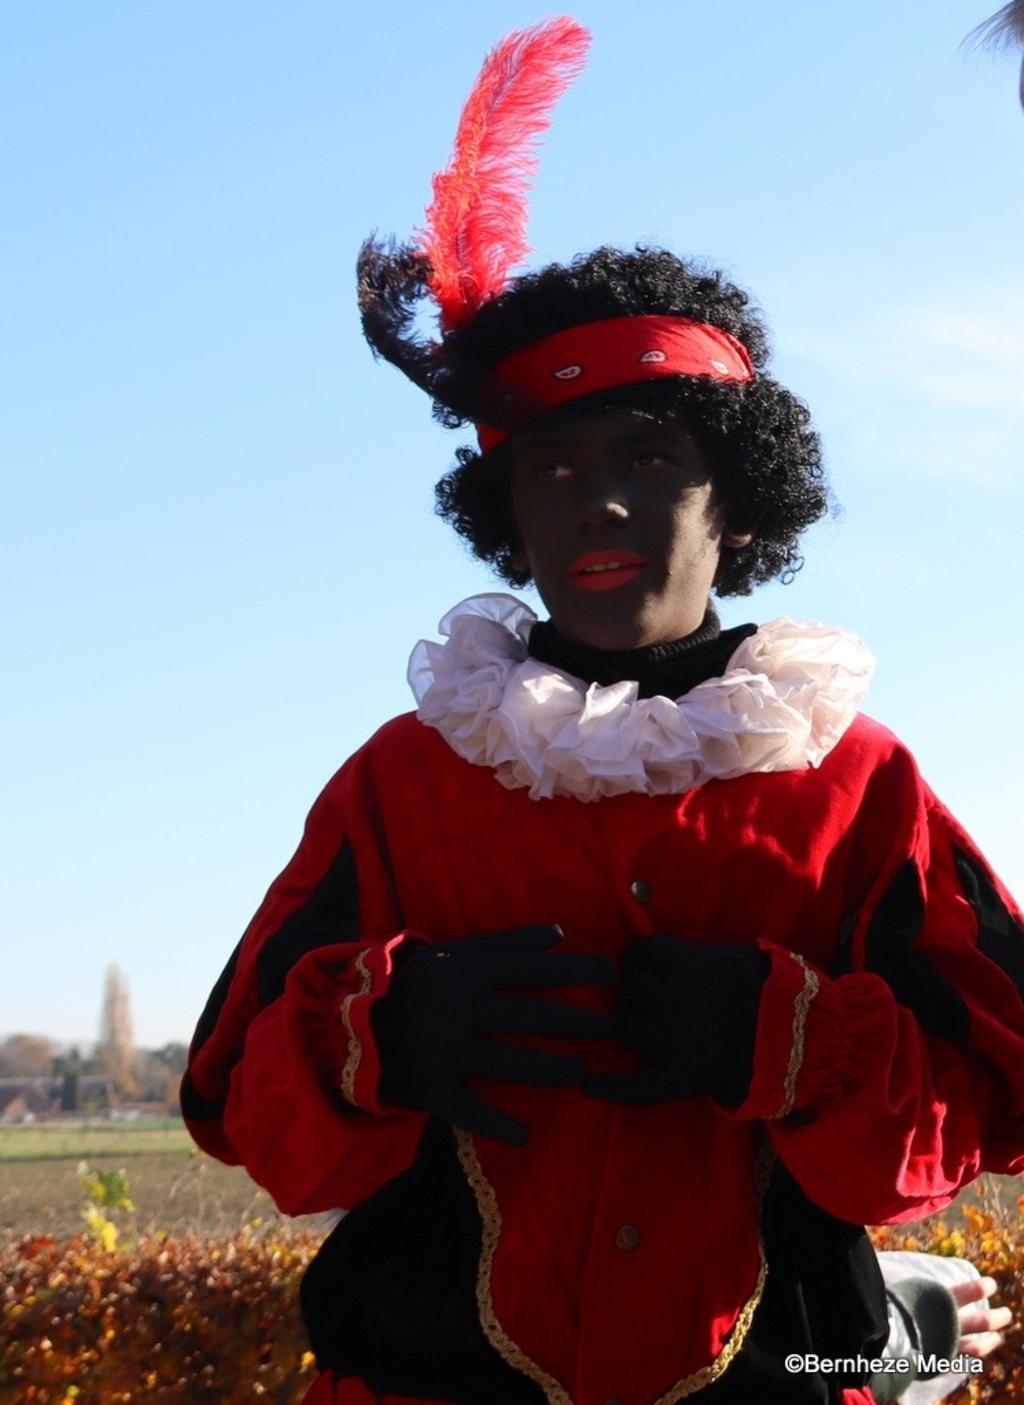 Vorstenbosch - Sinterklaasintocht 2018 Foto: Heidi Verwijst © mooibernheze